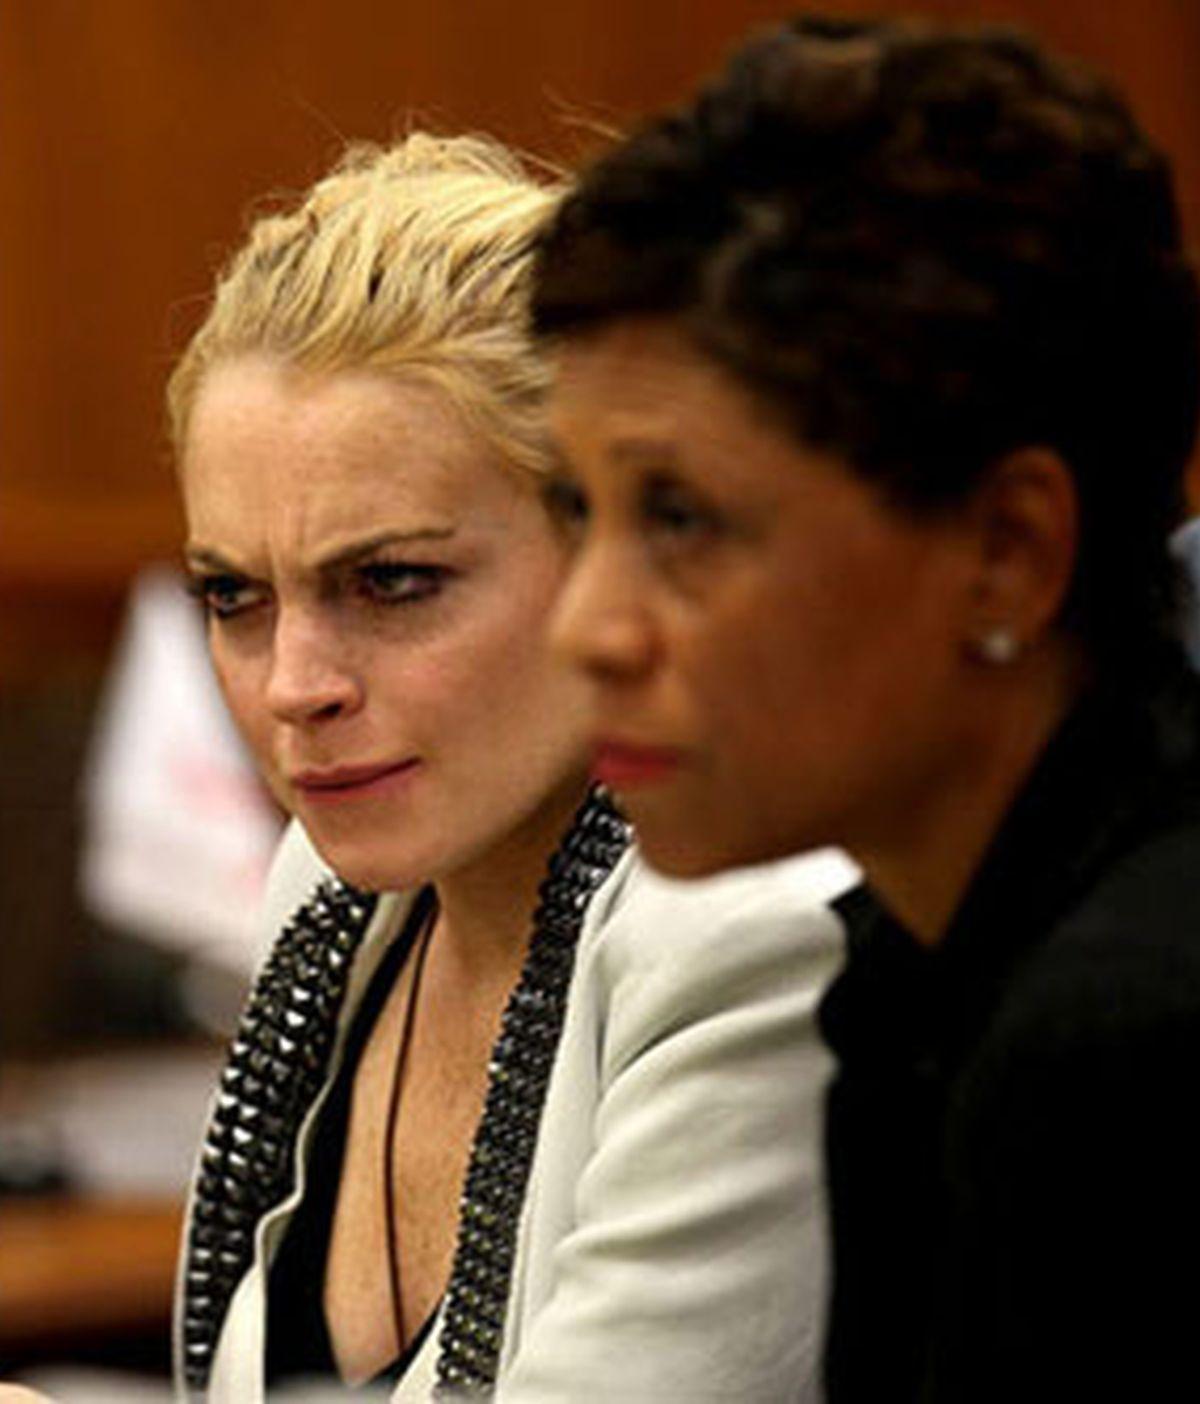 Lindsay Lohan acudió al juzgado para revisar su situación después de darse a conocer que no había completado un programa de desintoxicación impuesto por la jueza. Foto: Celebuzz.